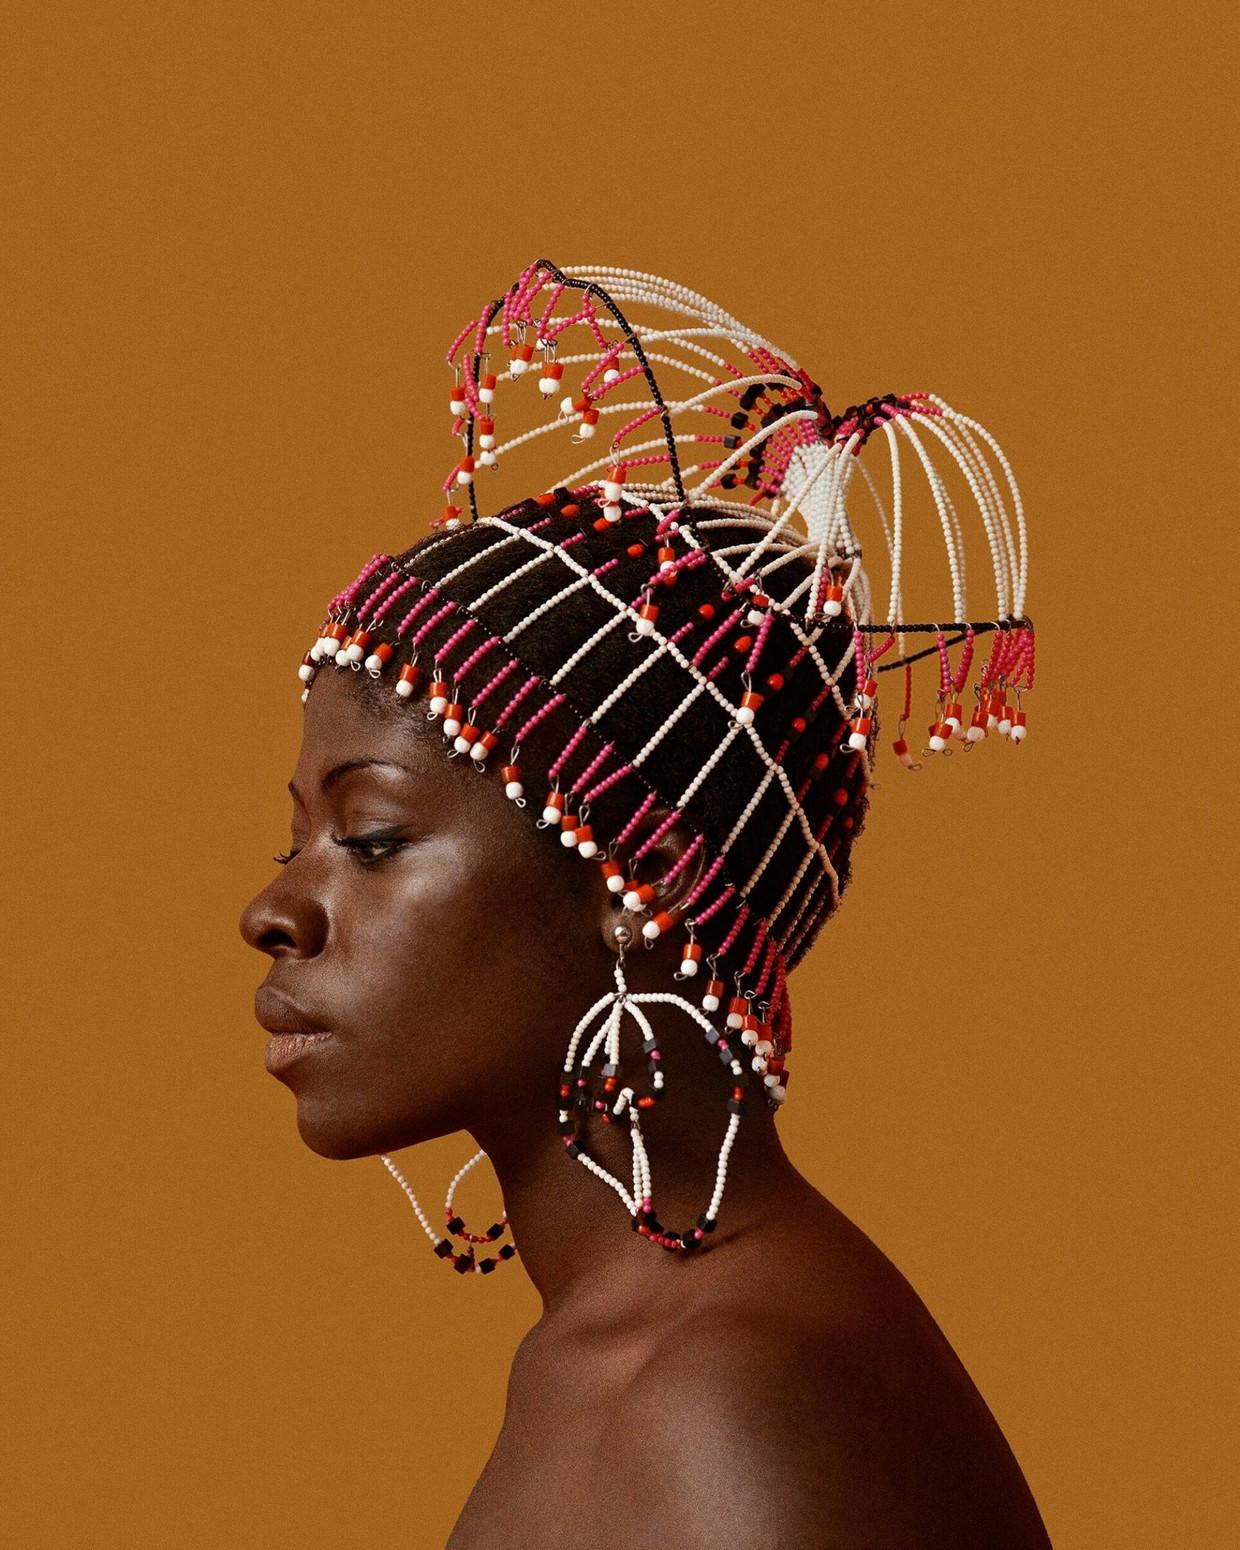 Het portret dat Kwame Brathwaite in 1968 maakte van zijn vrouw Sikolo.  Beeld Kwame Brathwaite / Mendo